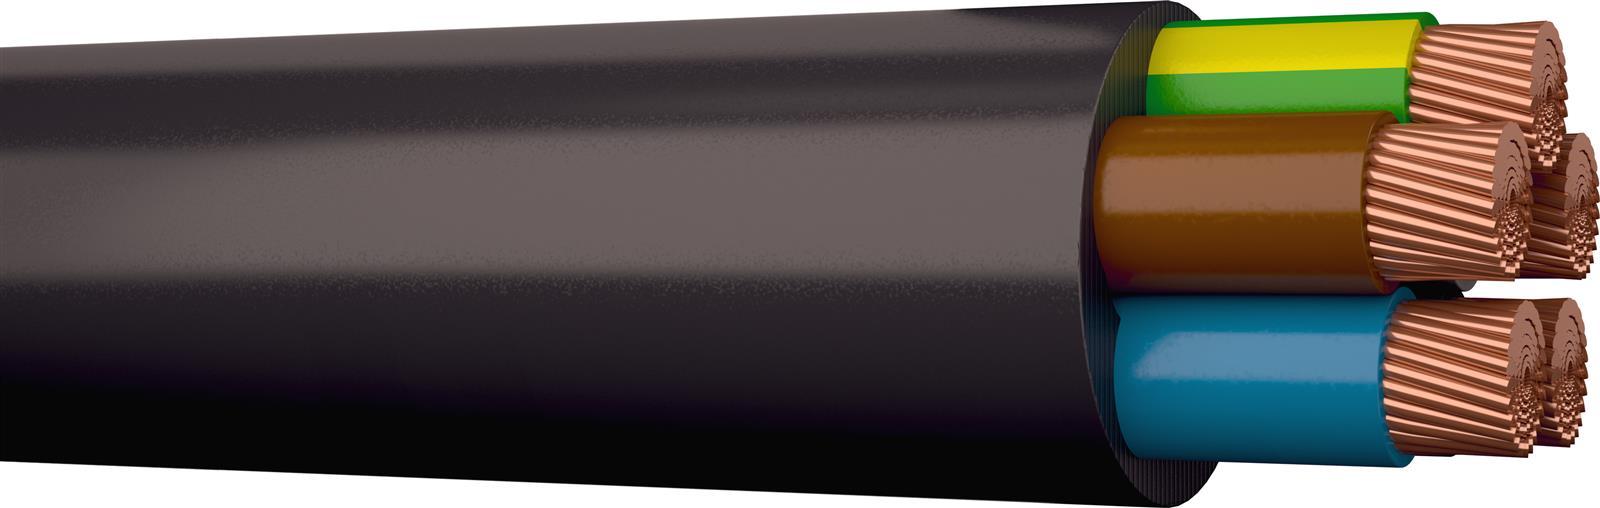 ACEFLEX RV-K 5G10